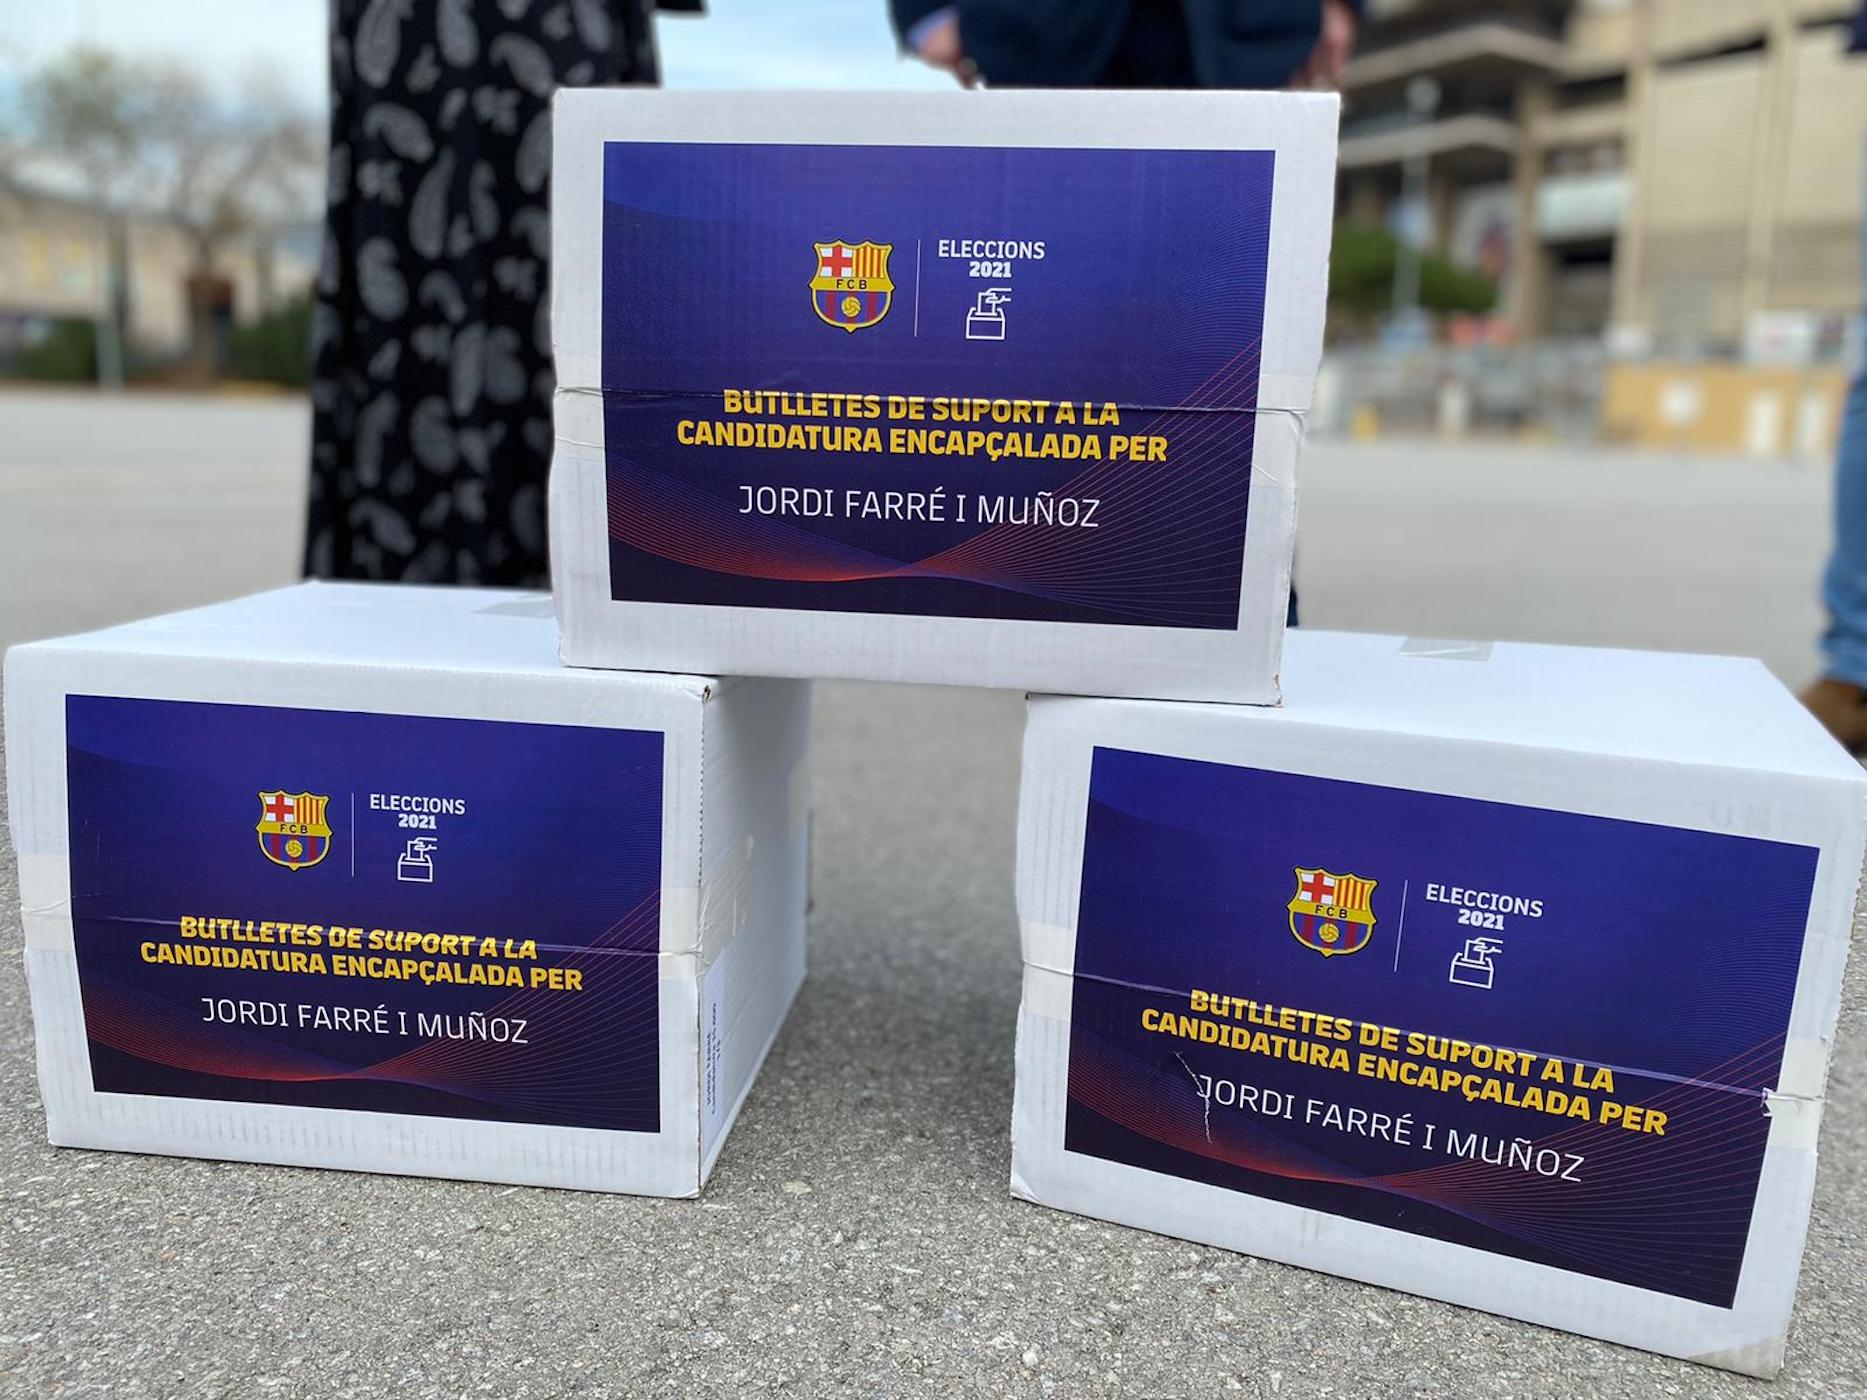 Butlletes de suport a la candidatura de Jordi Farré de cara a les eleccions a la presidència del Barça | @JordifarreFcb